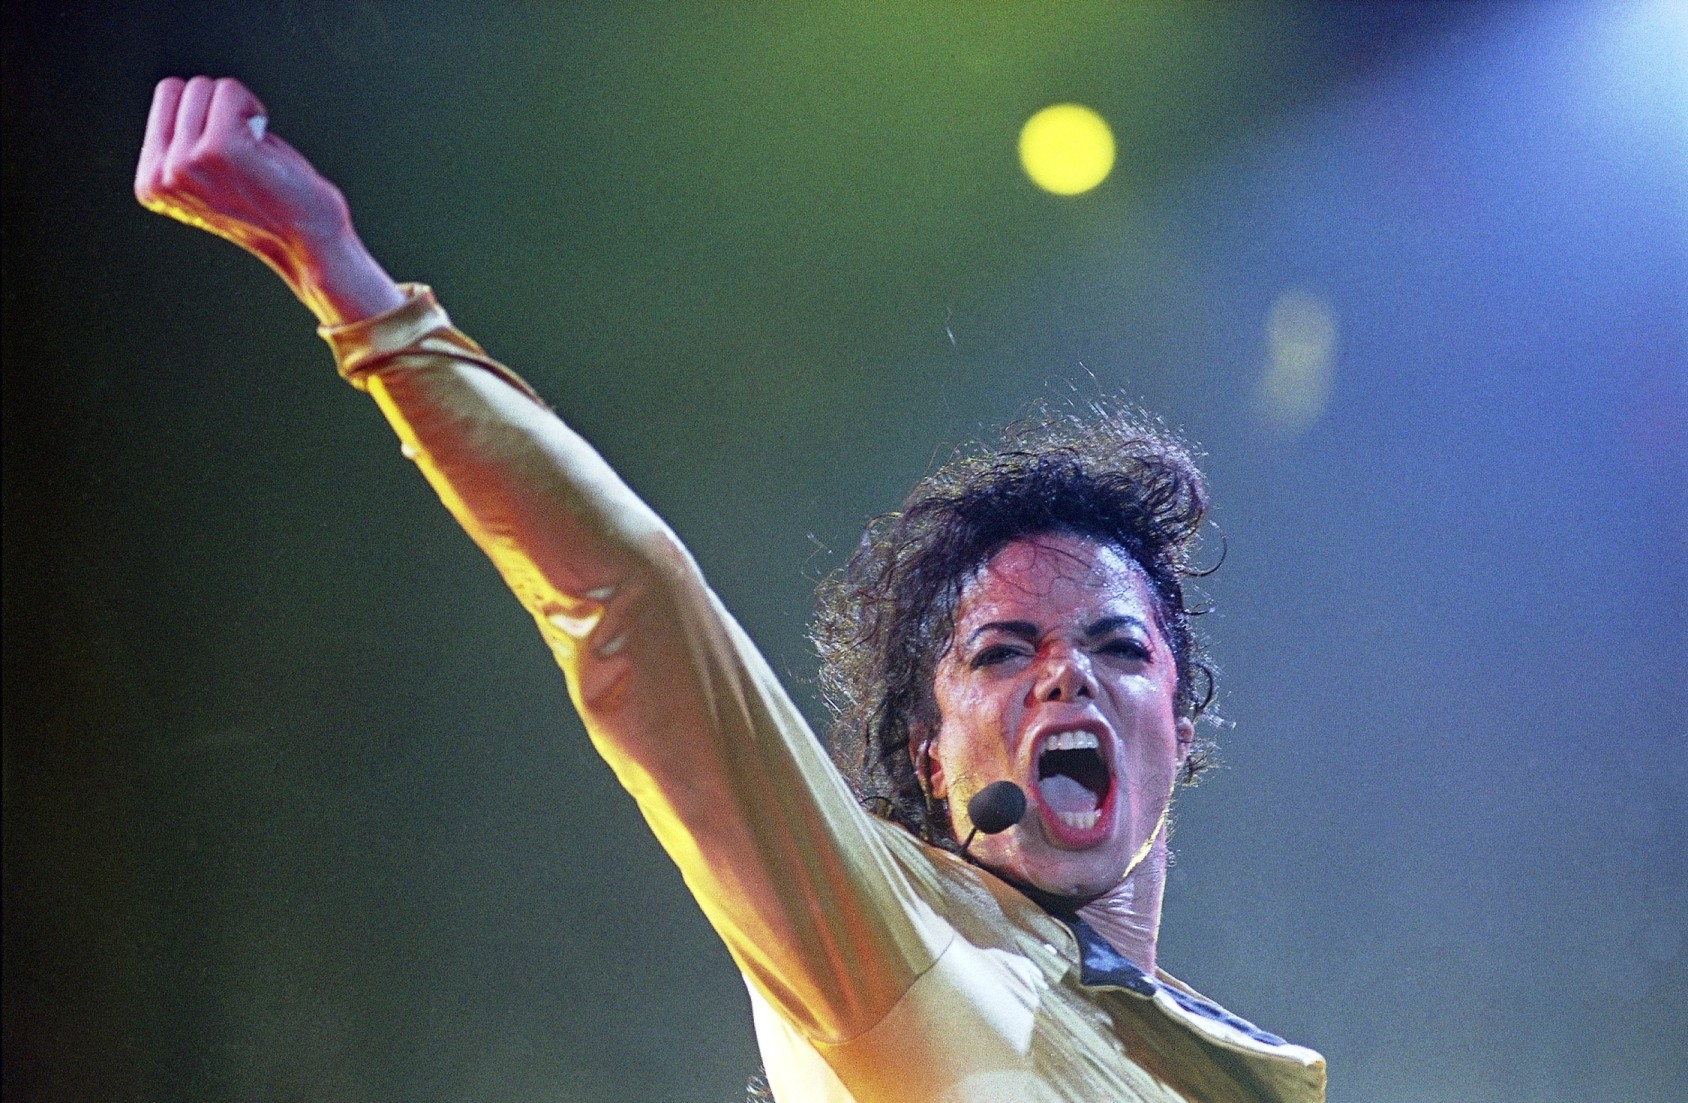 Ter o mundo um outro Michael Jackson um dia? (Foto: AP)